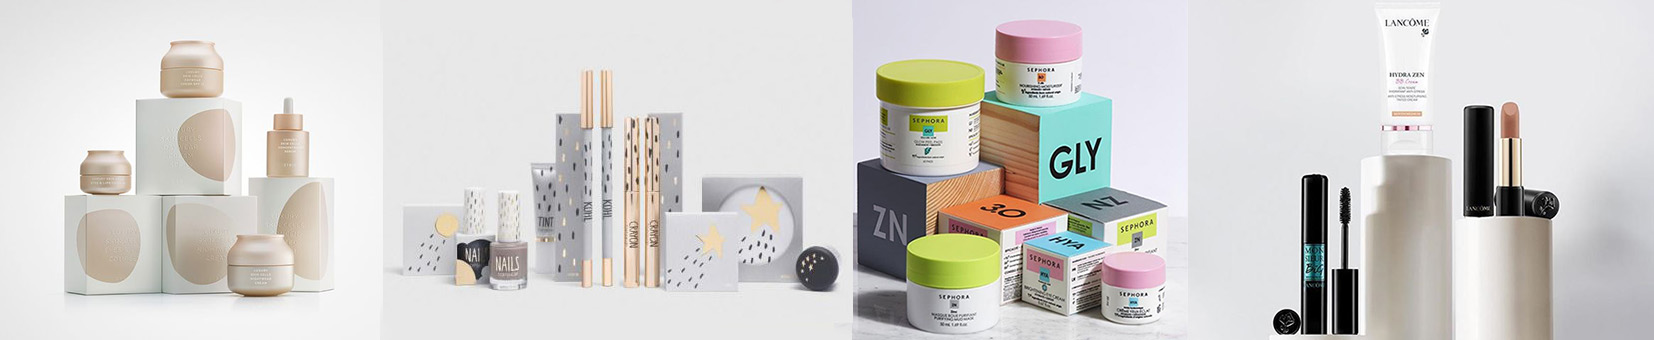 esempi di esposizione prodotti in profumeria